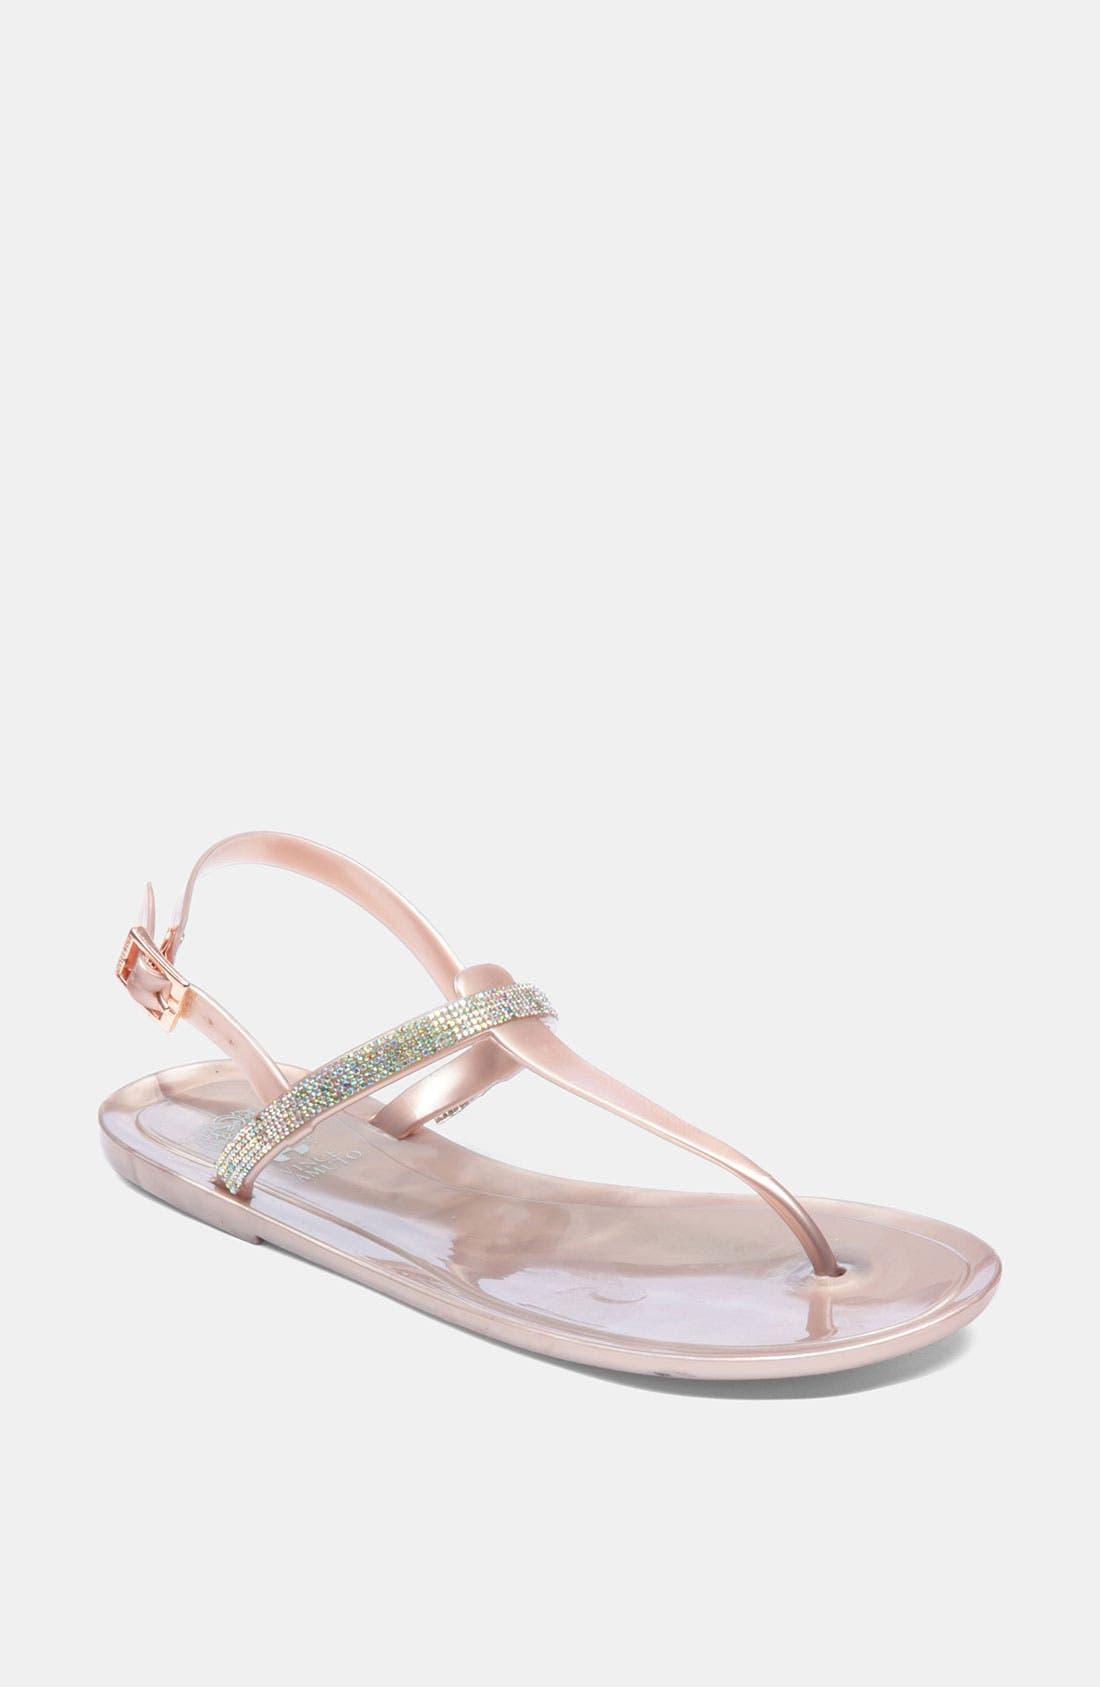 Alternate Image 1 Selected - Vince Camuto 'Udele' Sandal